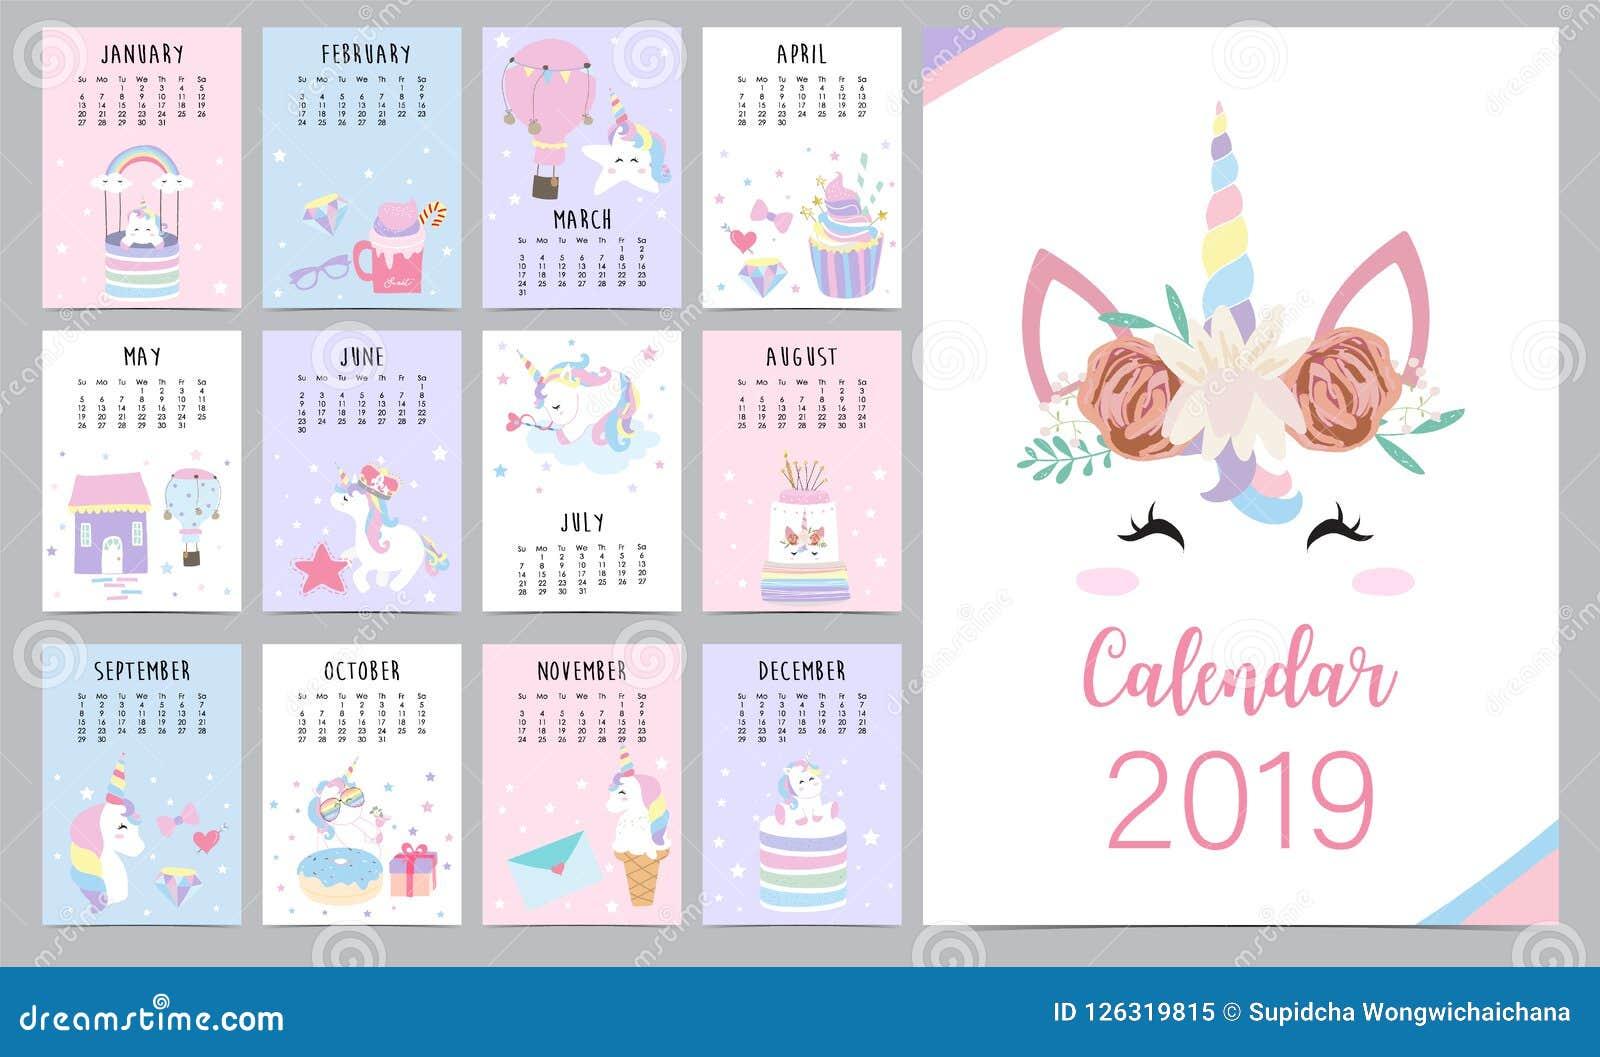 Calendario Rainbow.Cute Monthly Calendar 2019 With Head Unicorn Diamond Heart